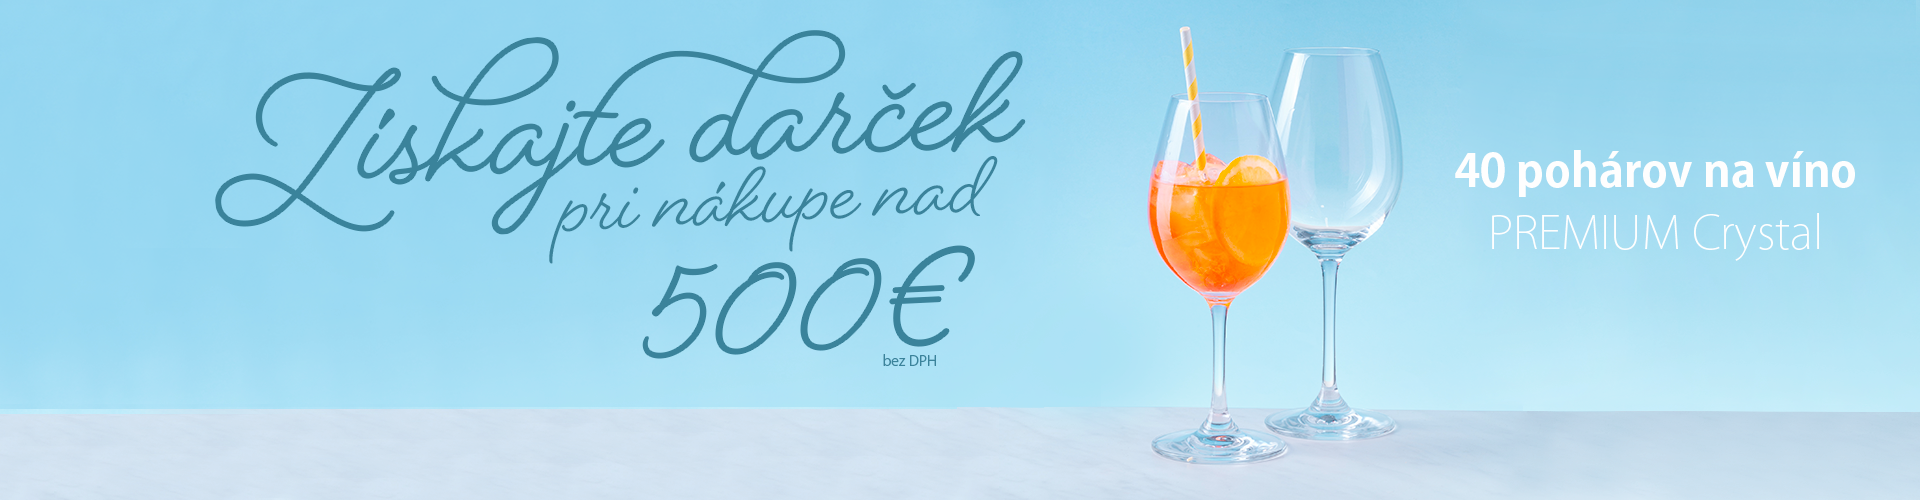 Získajte darček pri nákupe nad 500 €